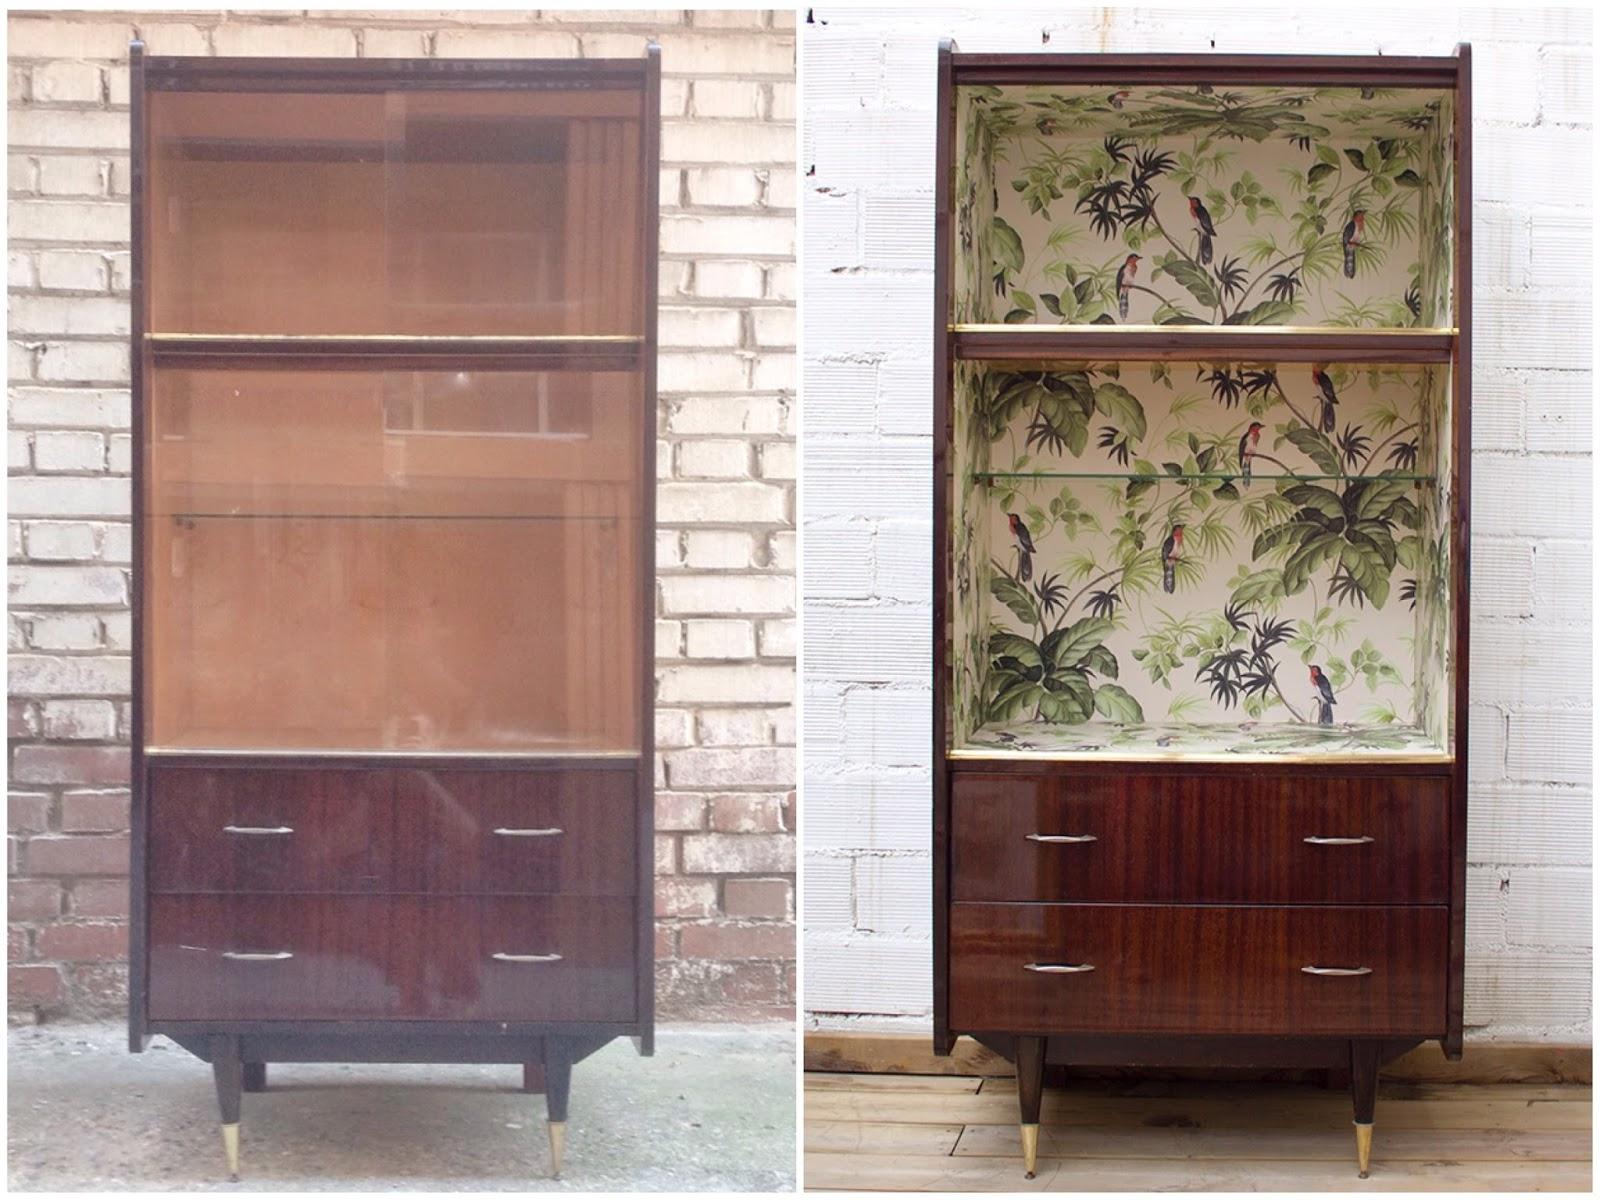 Antes y después - mueble forrado con papel pintado - Studio Alis